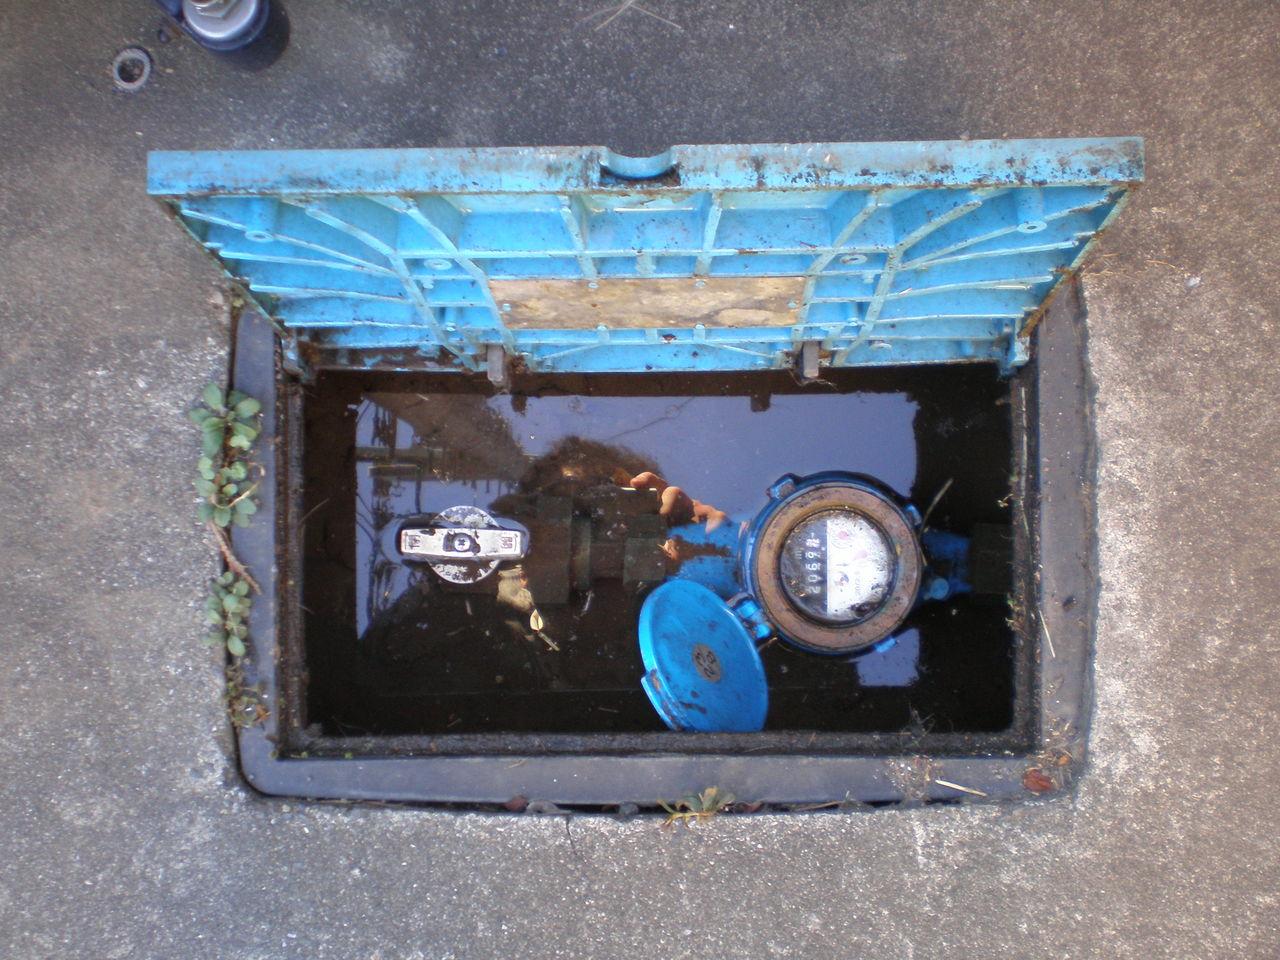 「水道メーターボックス」の画像検索結果